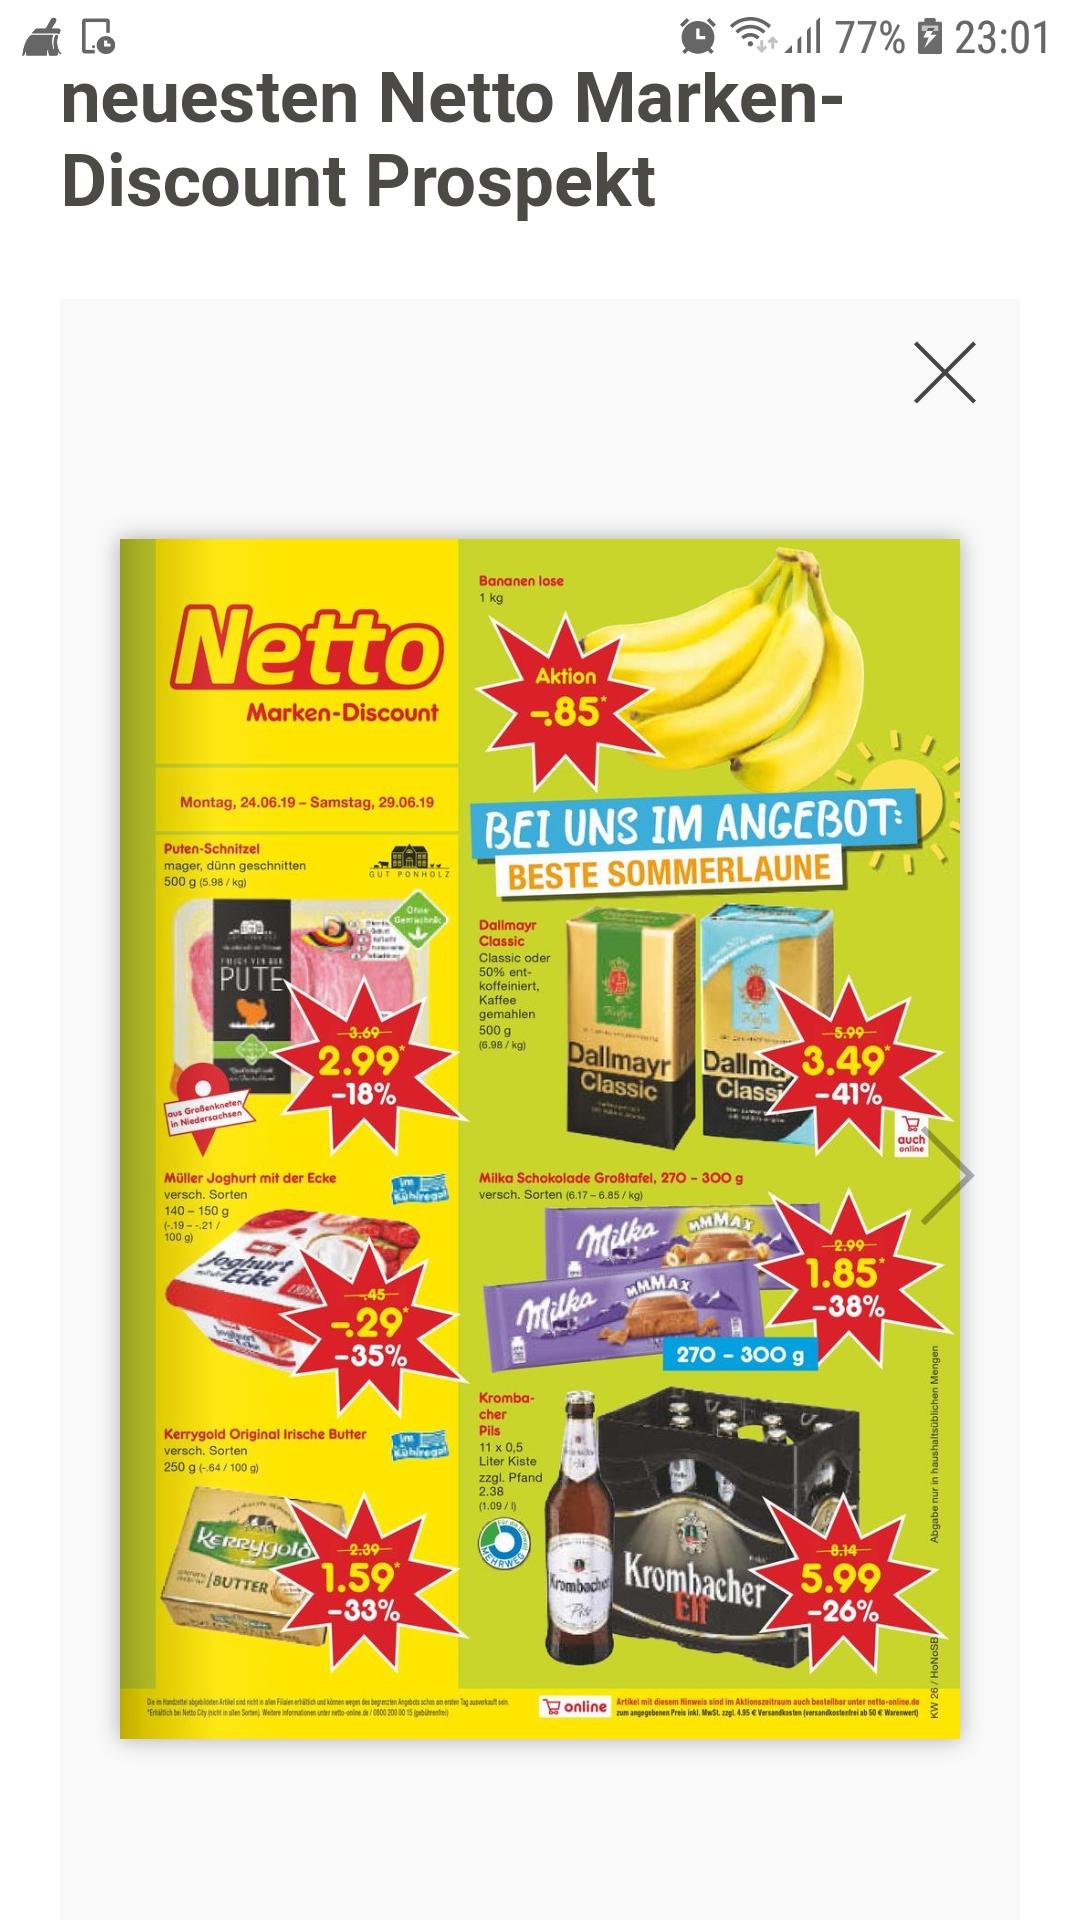 Milka Schokolade Großtafel, 270-300 g 1,85 € bei Netto